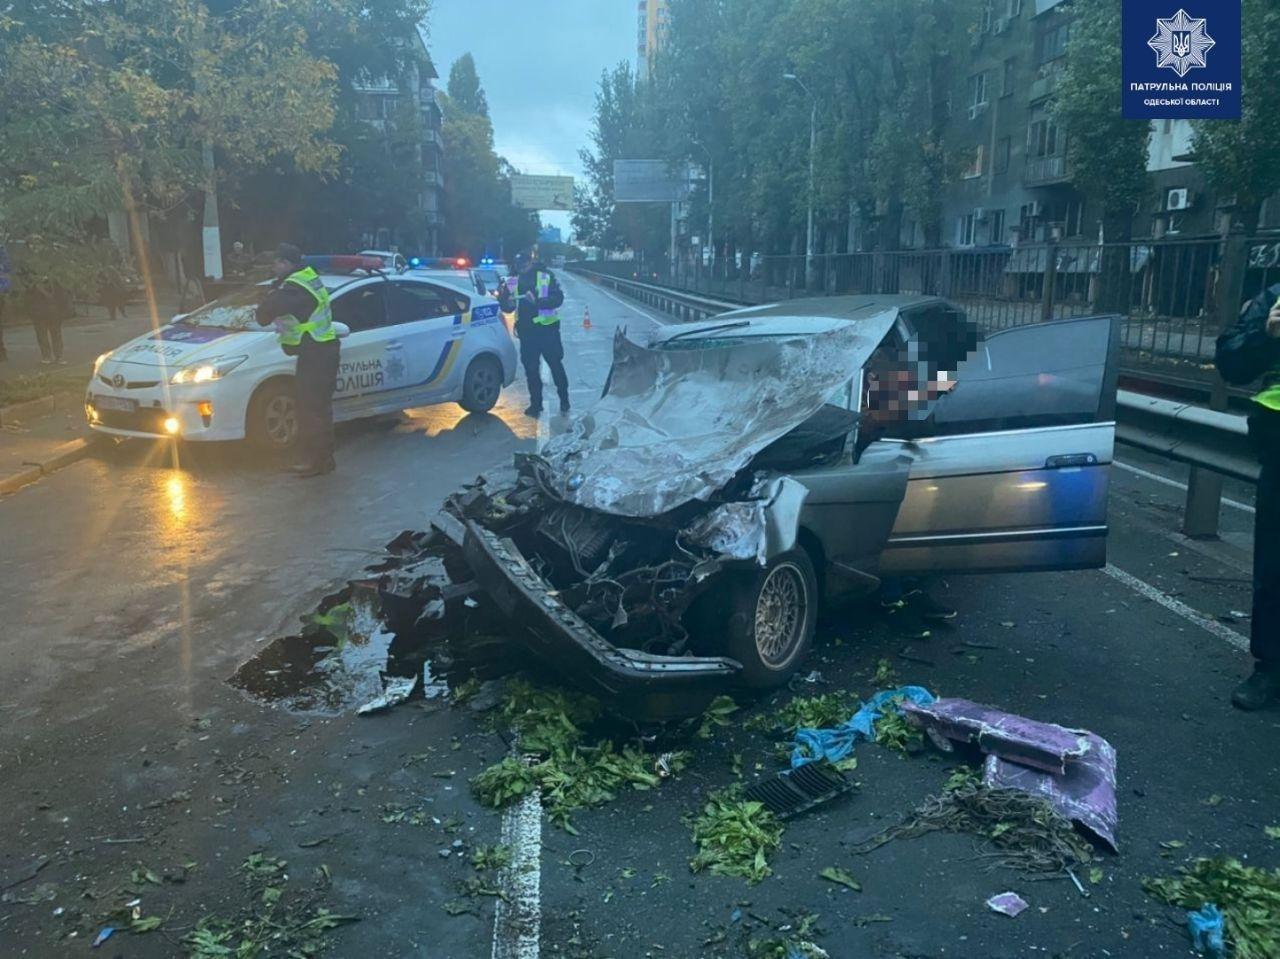 В Одессе мужчина угнал машину и на большой скорости влетел в автобус, есть пострадавшие, - ФОТО, фото-2